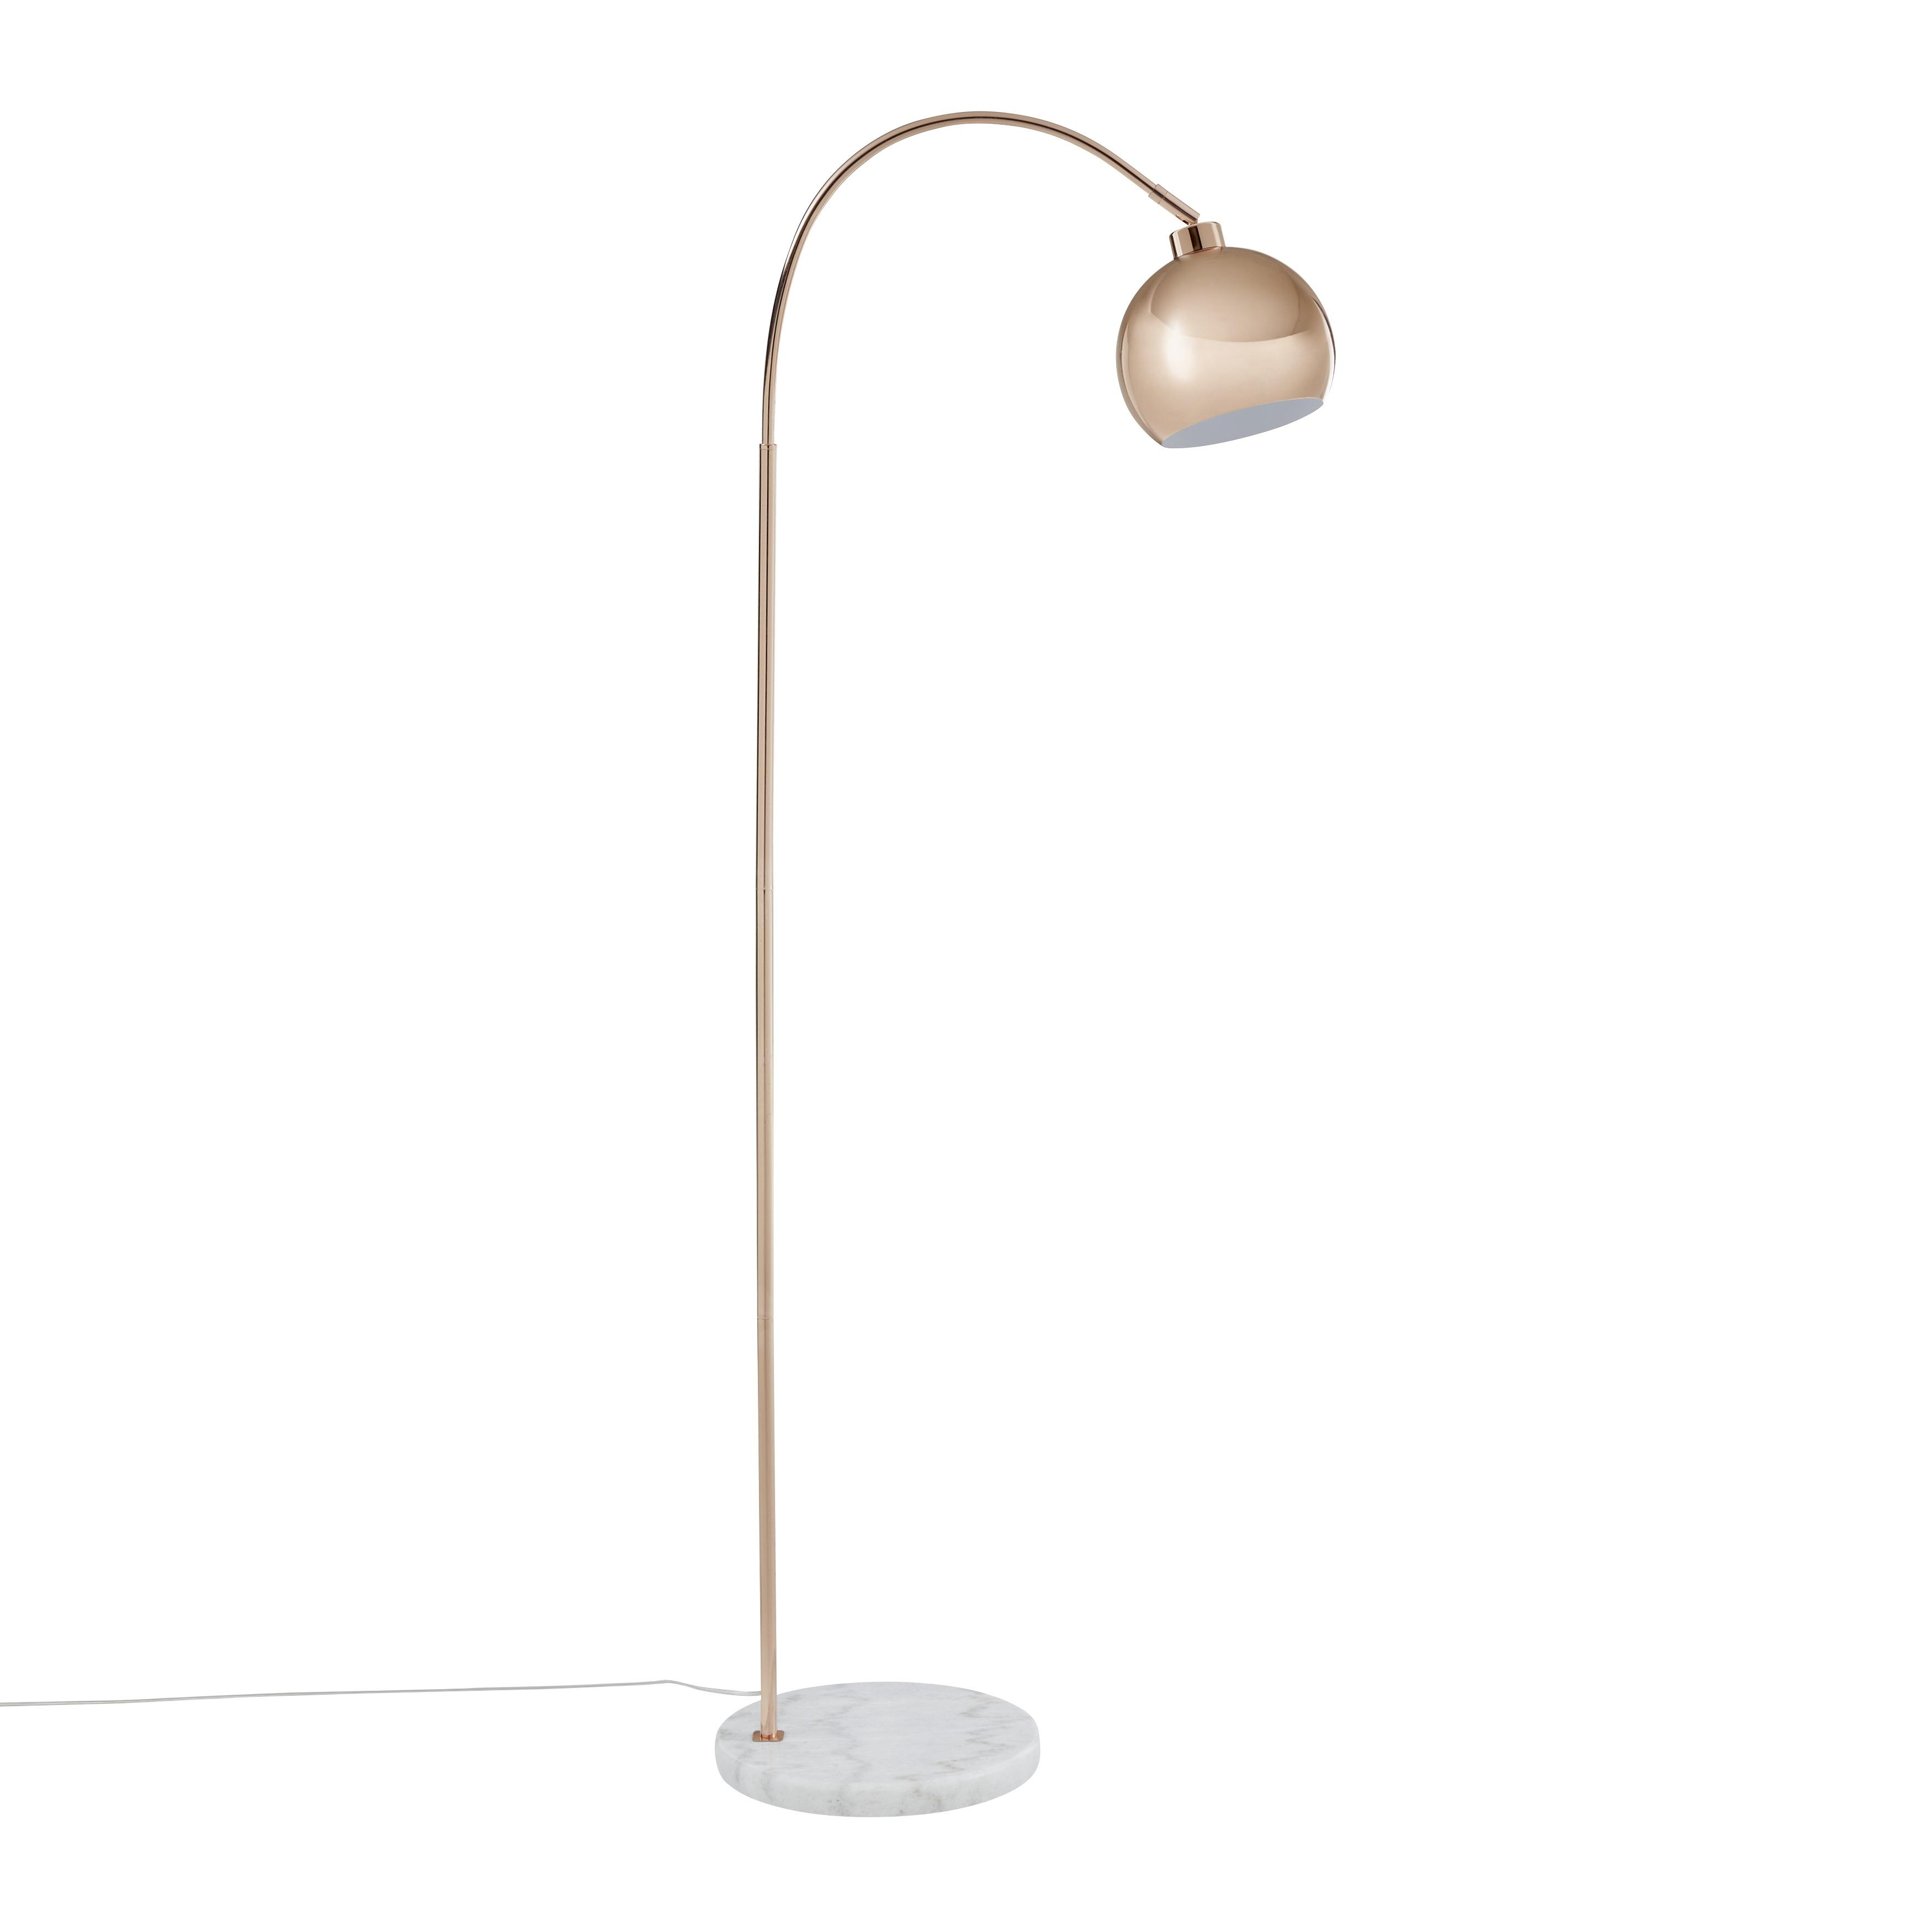 Levně Stojací Lampa Eros V: 154cm, 60 Watt